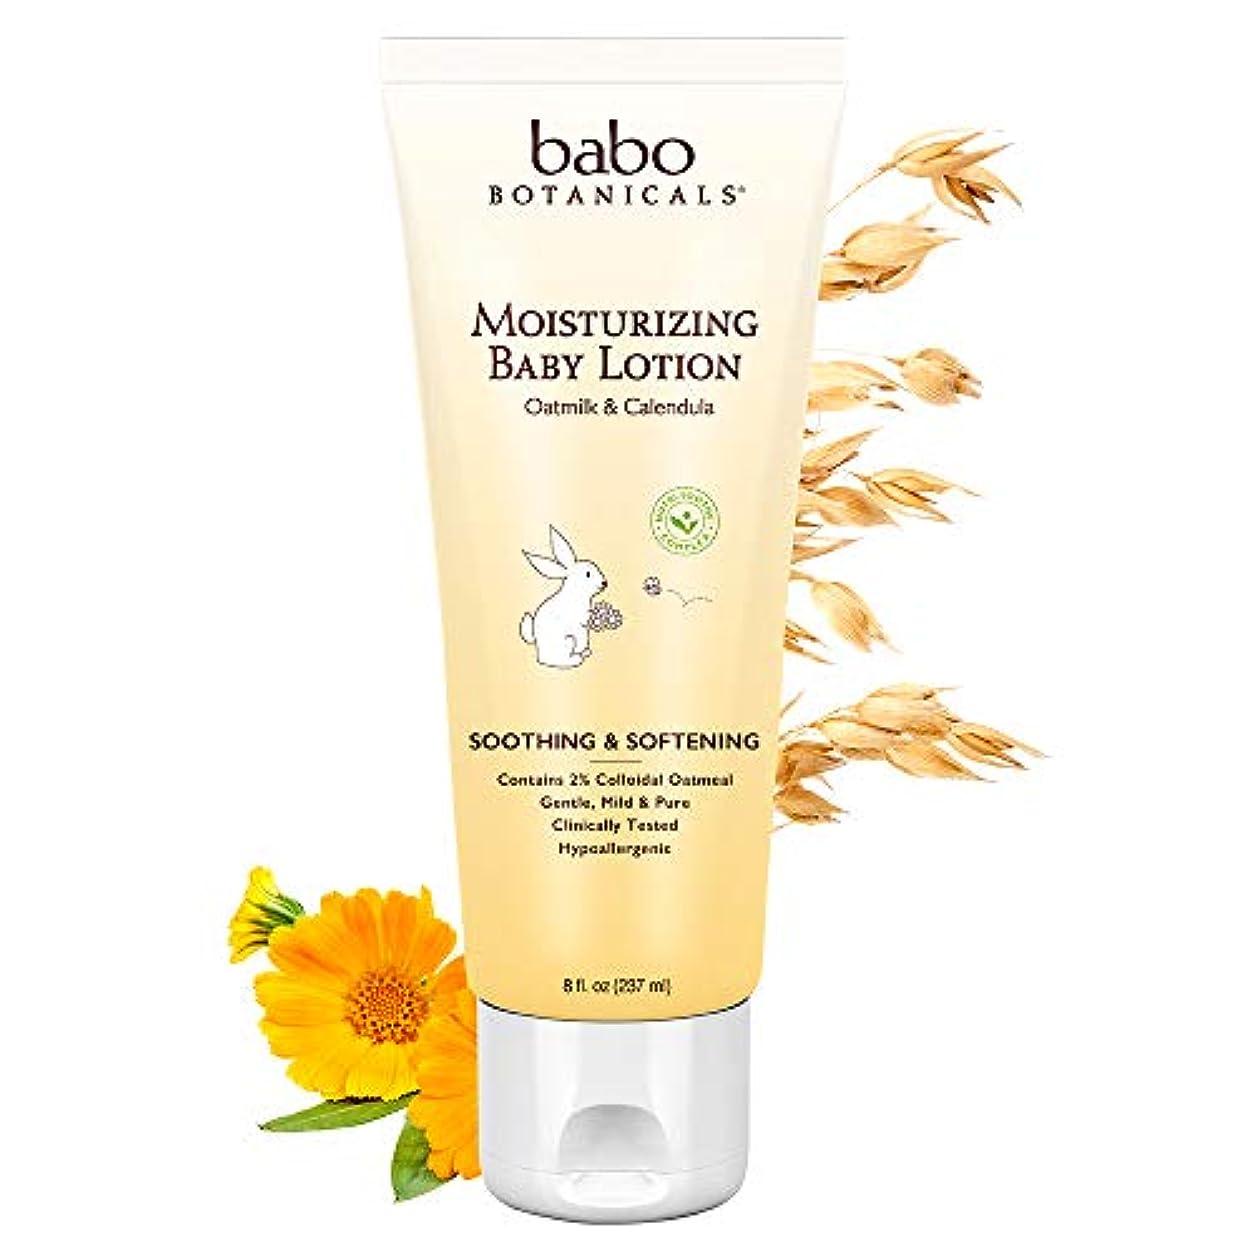 マイクロフォンスキャンダラス問い合わせるBabo Botanicals Oatmilkカレンデュラ保湿ベビーローション、 - スージング敏感肌のためのベストのベビーローション。アトピー性皮膚炎を和らげるのに役立ちます。ナチュラルオーツとオーガニックカレンデュラ...